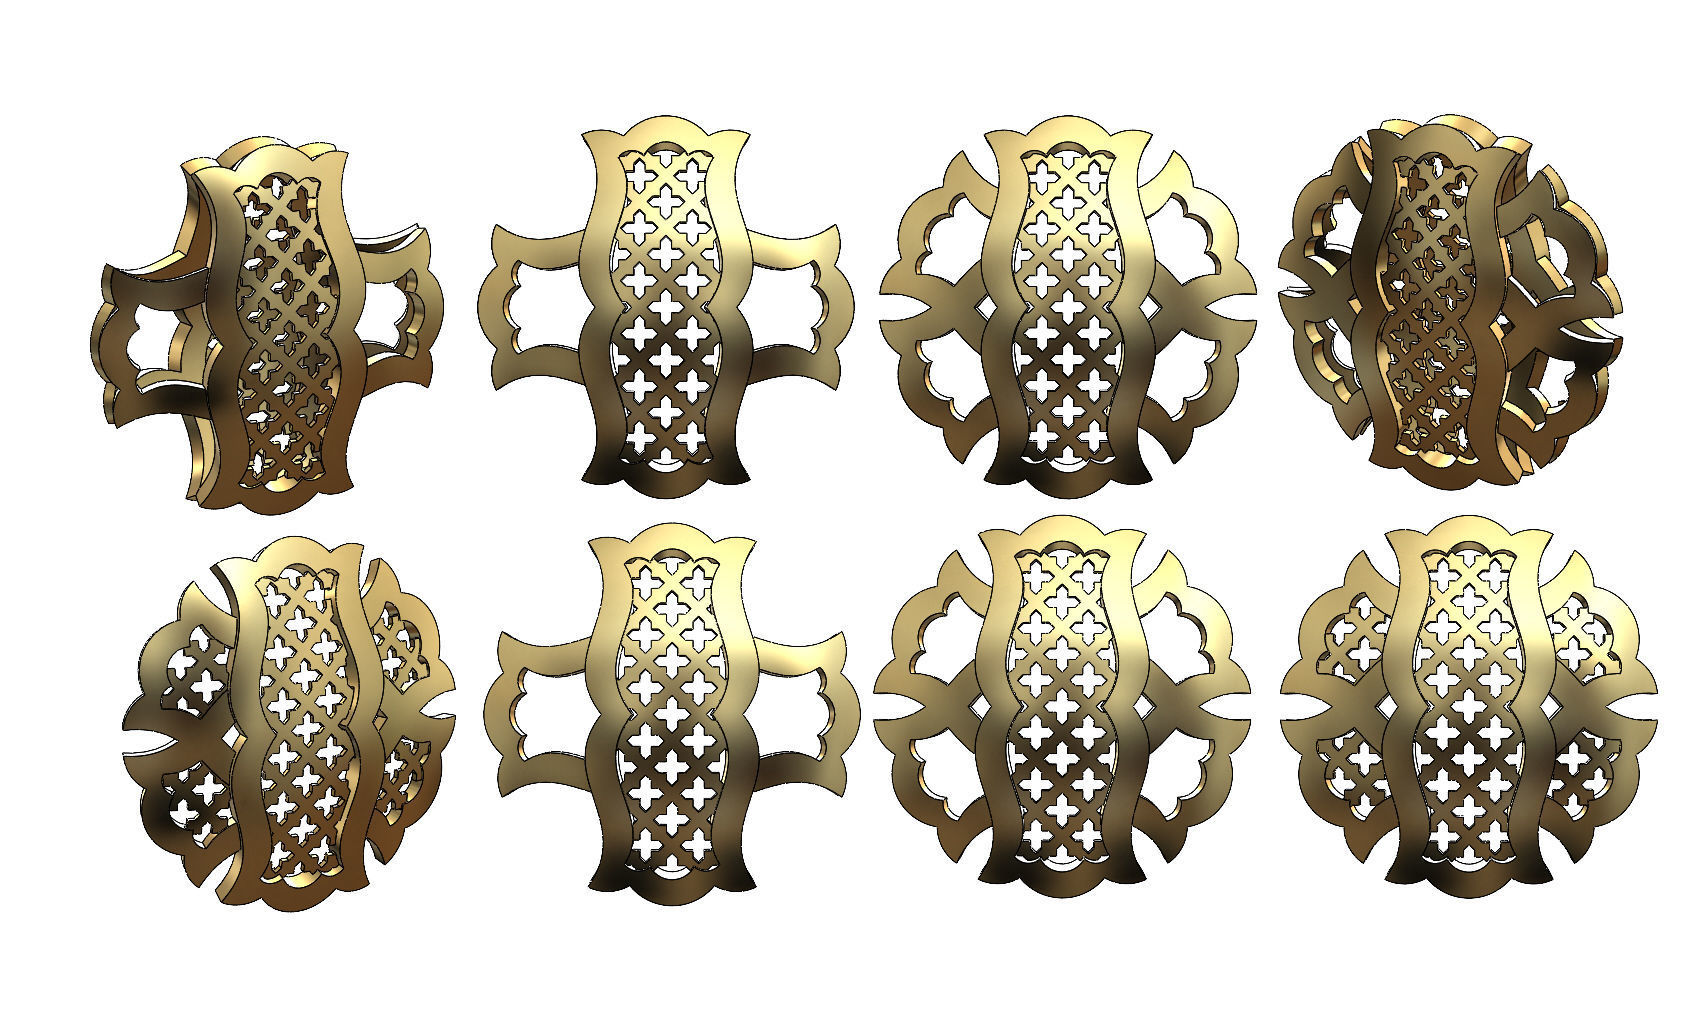 Double sided arabian pattern pendants with moucharabieh motifs